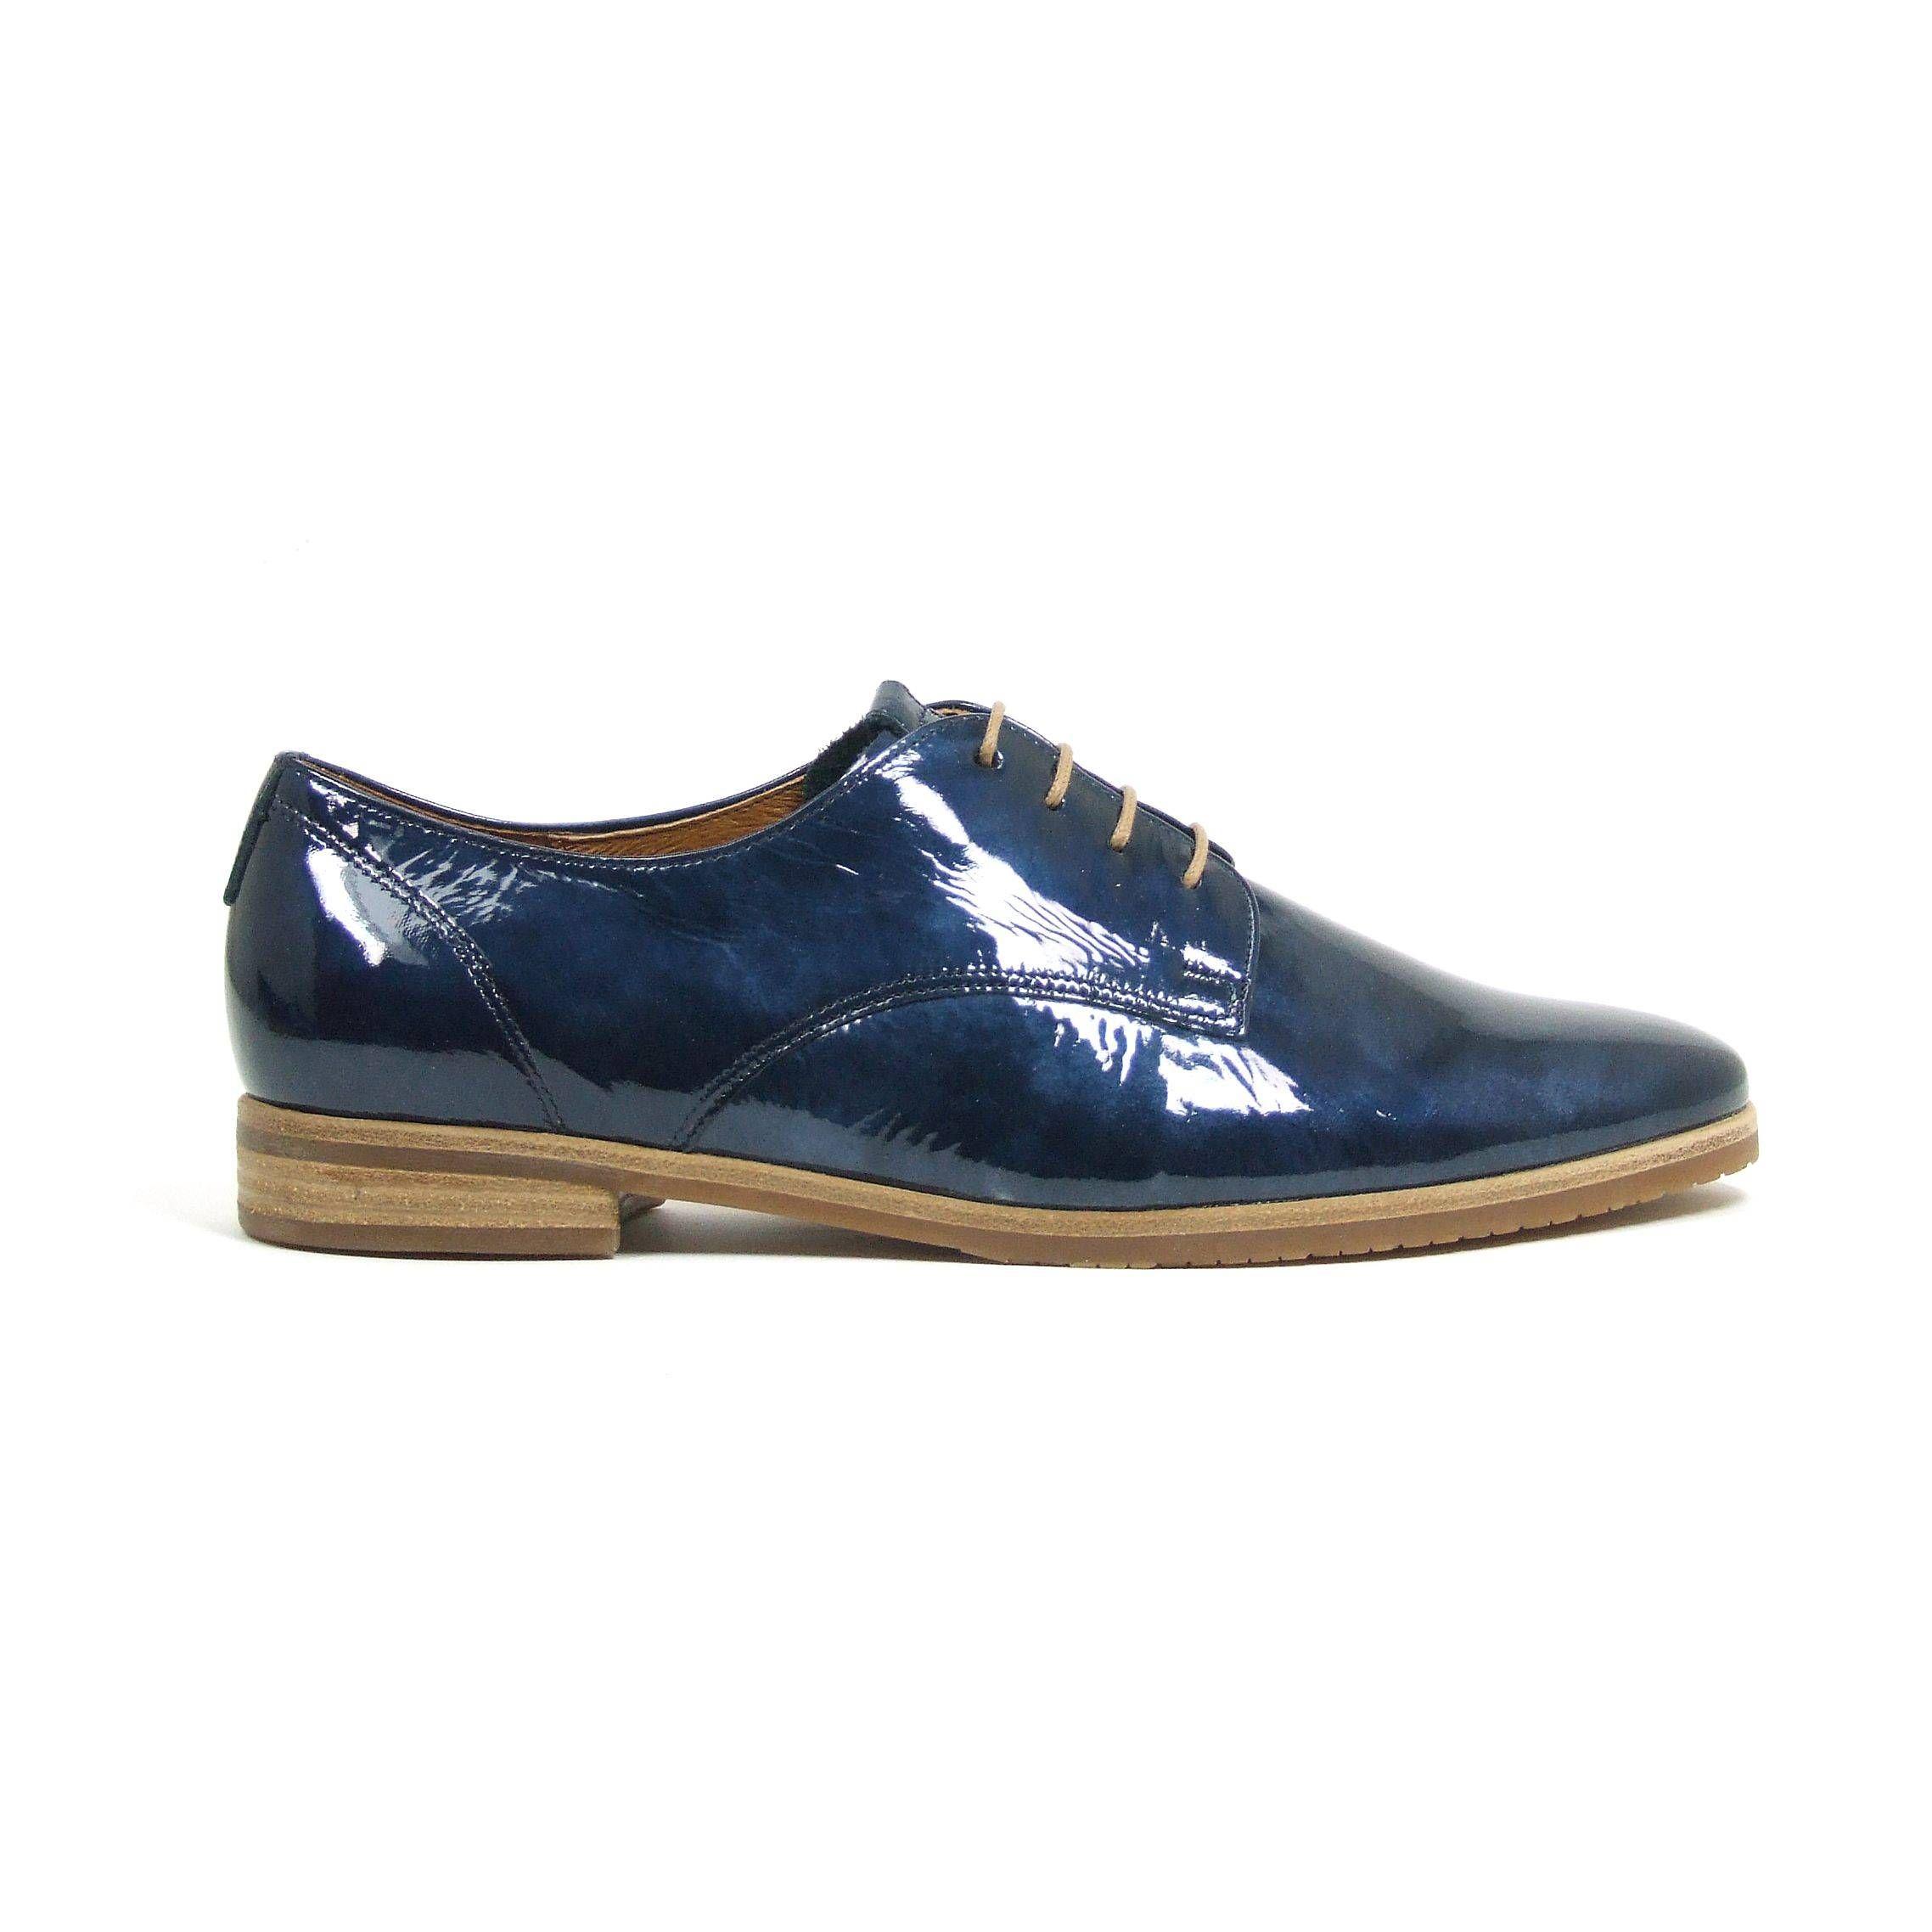 1cdb6f640a3 Platte veterschoenen van Gabor, model 22.655! Deze dames schoenen zijn  helemaal van leer en